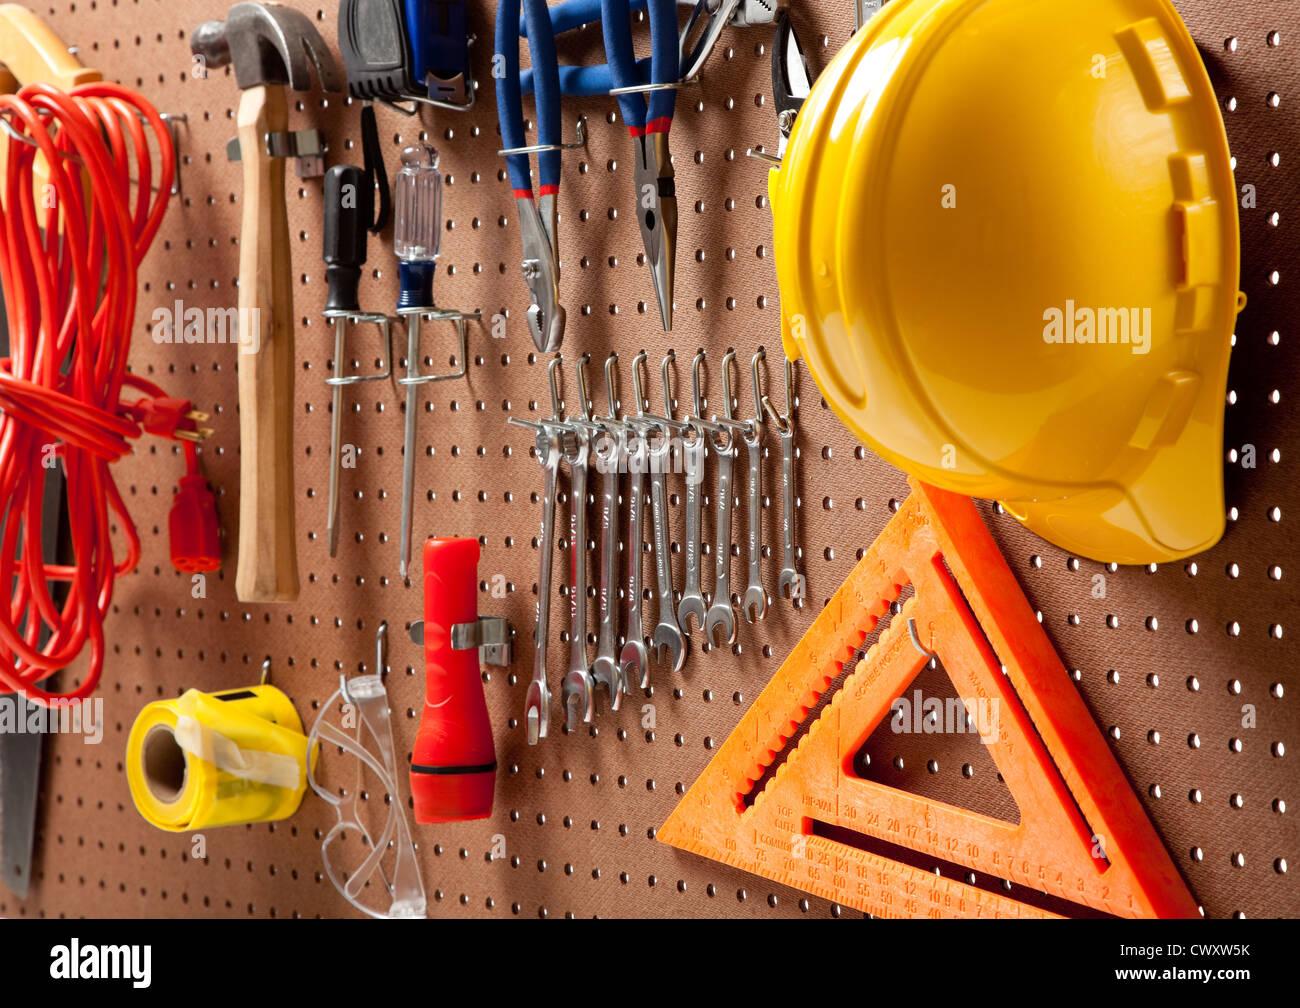 Une plaque avec divers outils tels que: marteau, scie, clés, lampe de poche, rallonge, tournevis Banque D'Images